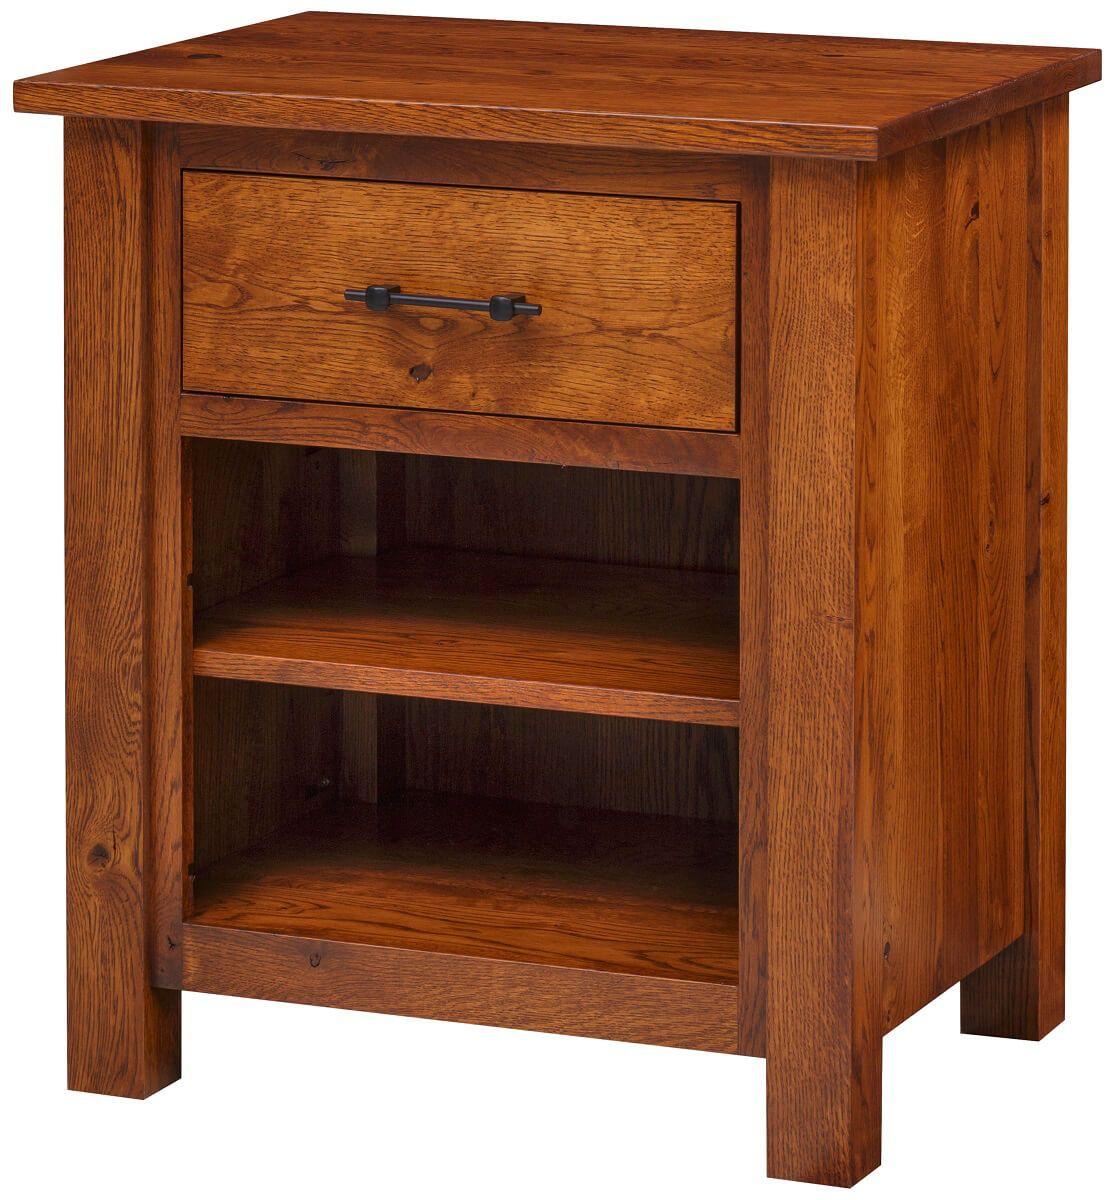 Bald Knob 1-Drawer Bedside Table